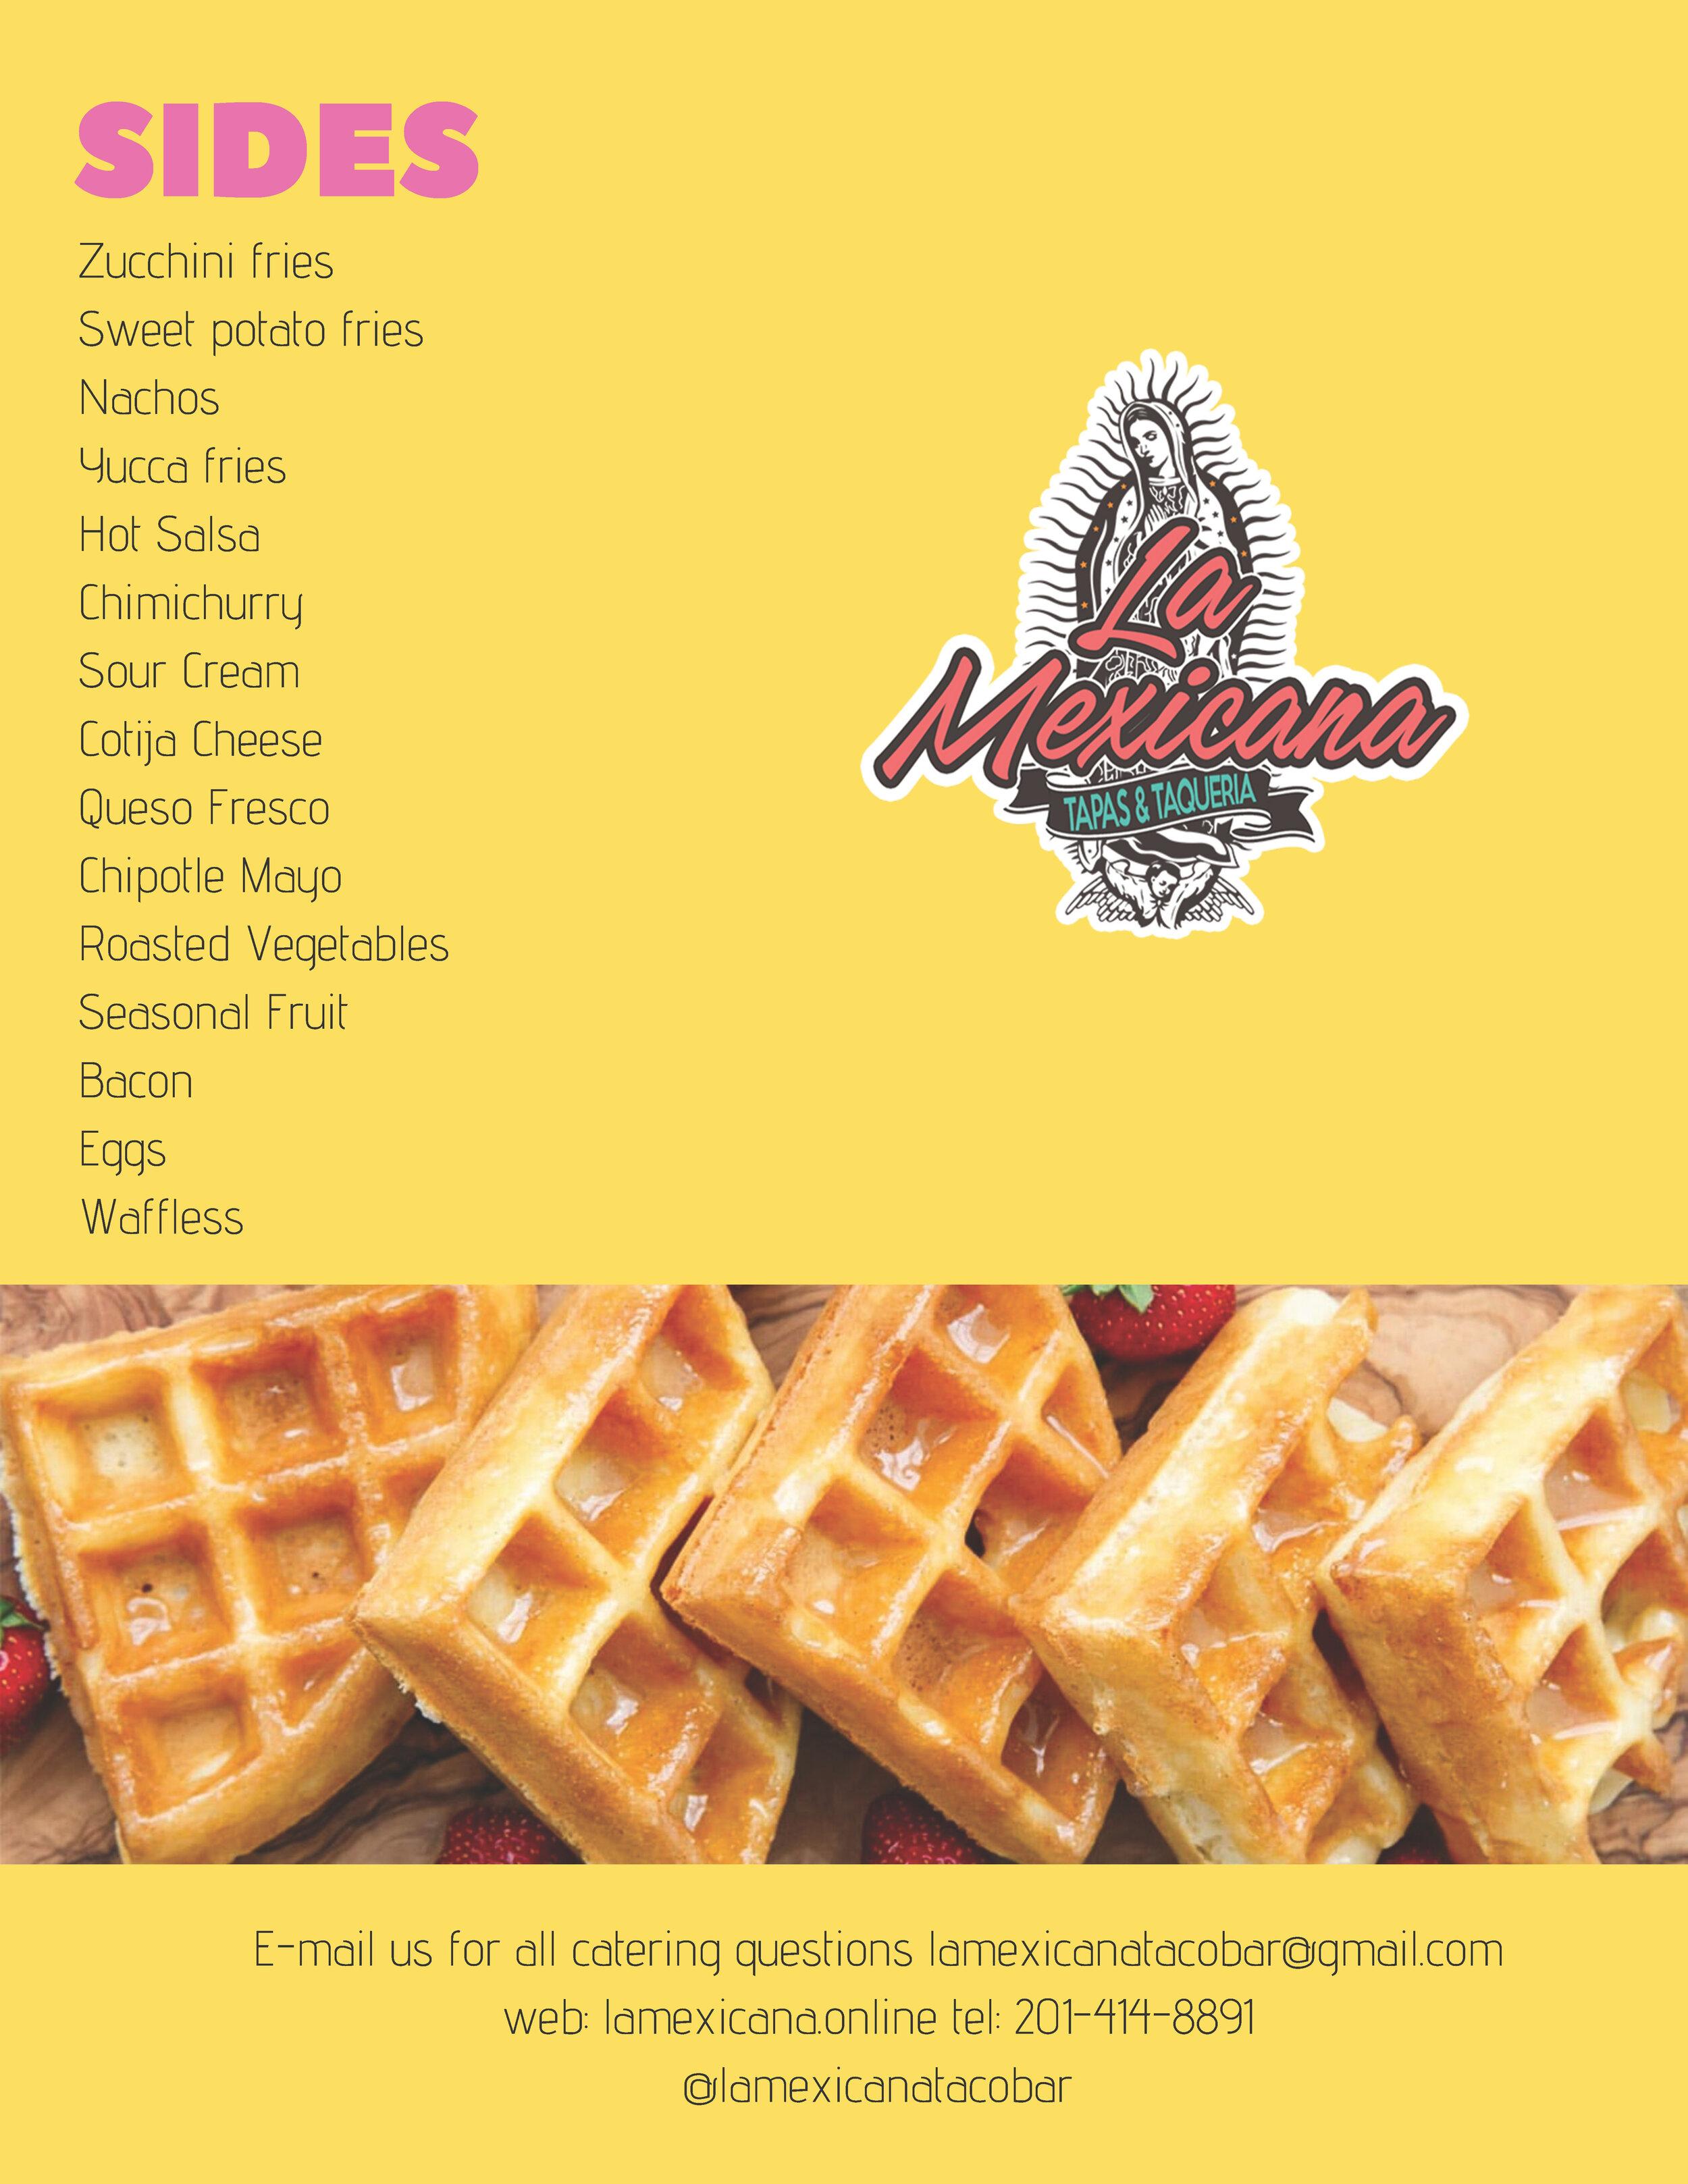 catering-menu-fortlauderdale-6.jpg